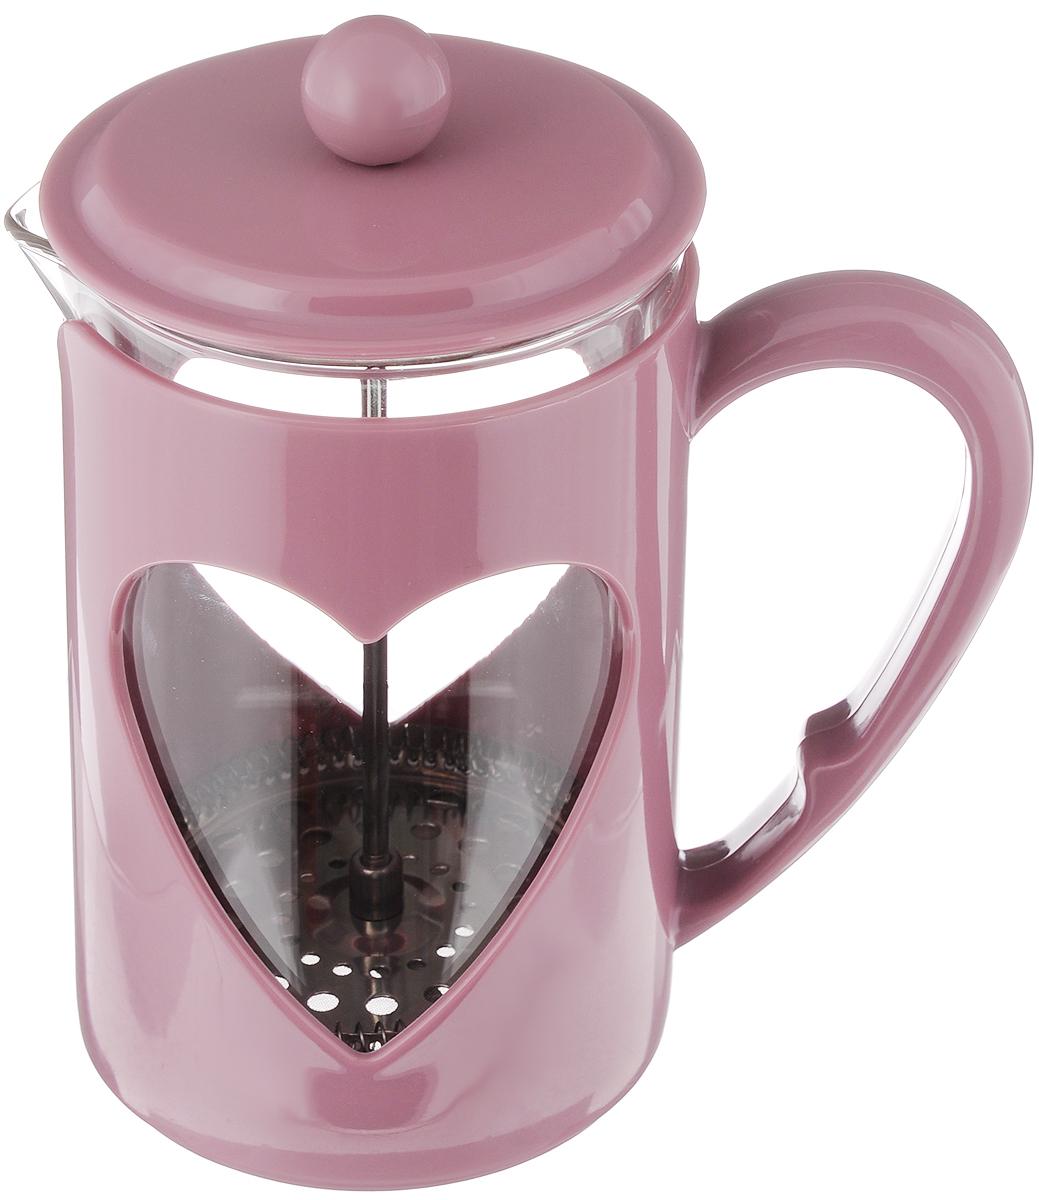 Френч-пресс Mayer & Boch, цвет: пепельно-розовый, прозрачный, 800 мл. 2322623226_ пепельно-розовыйФренч-пресс Mayer & Boch  изготовлен из высококачественного пластика,нержавеющей стали и жаропрочного стекла. Фильтр-поршень из нержавеющейстали выполнен по технологии press-up для обеспечения равномернойциркуляции воды.Засыпая чайную заварку или кофе под фильтр, заливая горячей водой, выполучаете ароматный напиток с оптимальной крепостью и насыщенностью.Остановить процесс заваривания легко, для этого нужно просто опуститьпоршень, и все уйдет вниз, оставляя вверху напиток, готовый купотреблению.Френч-пресс Mayer & Boch позволит быстро и простоприготовить свежий и ароматный кофе или чай.